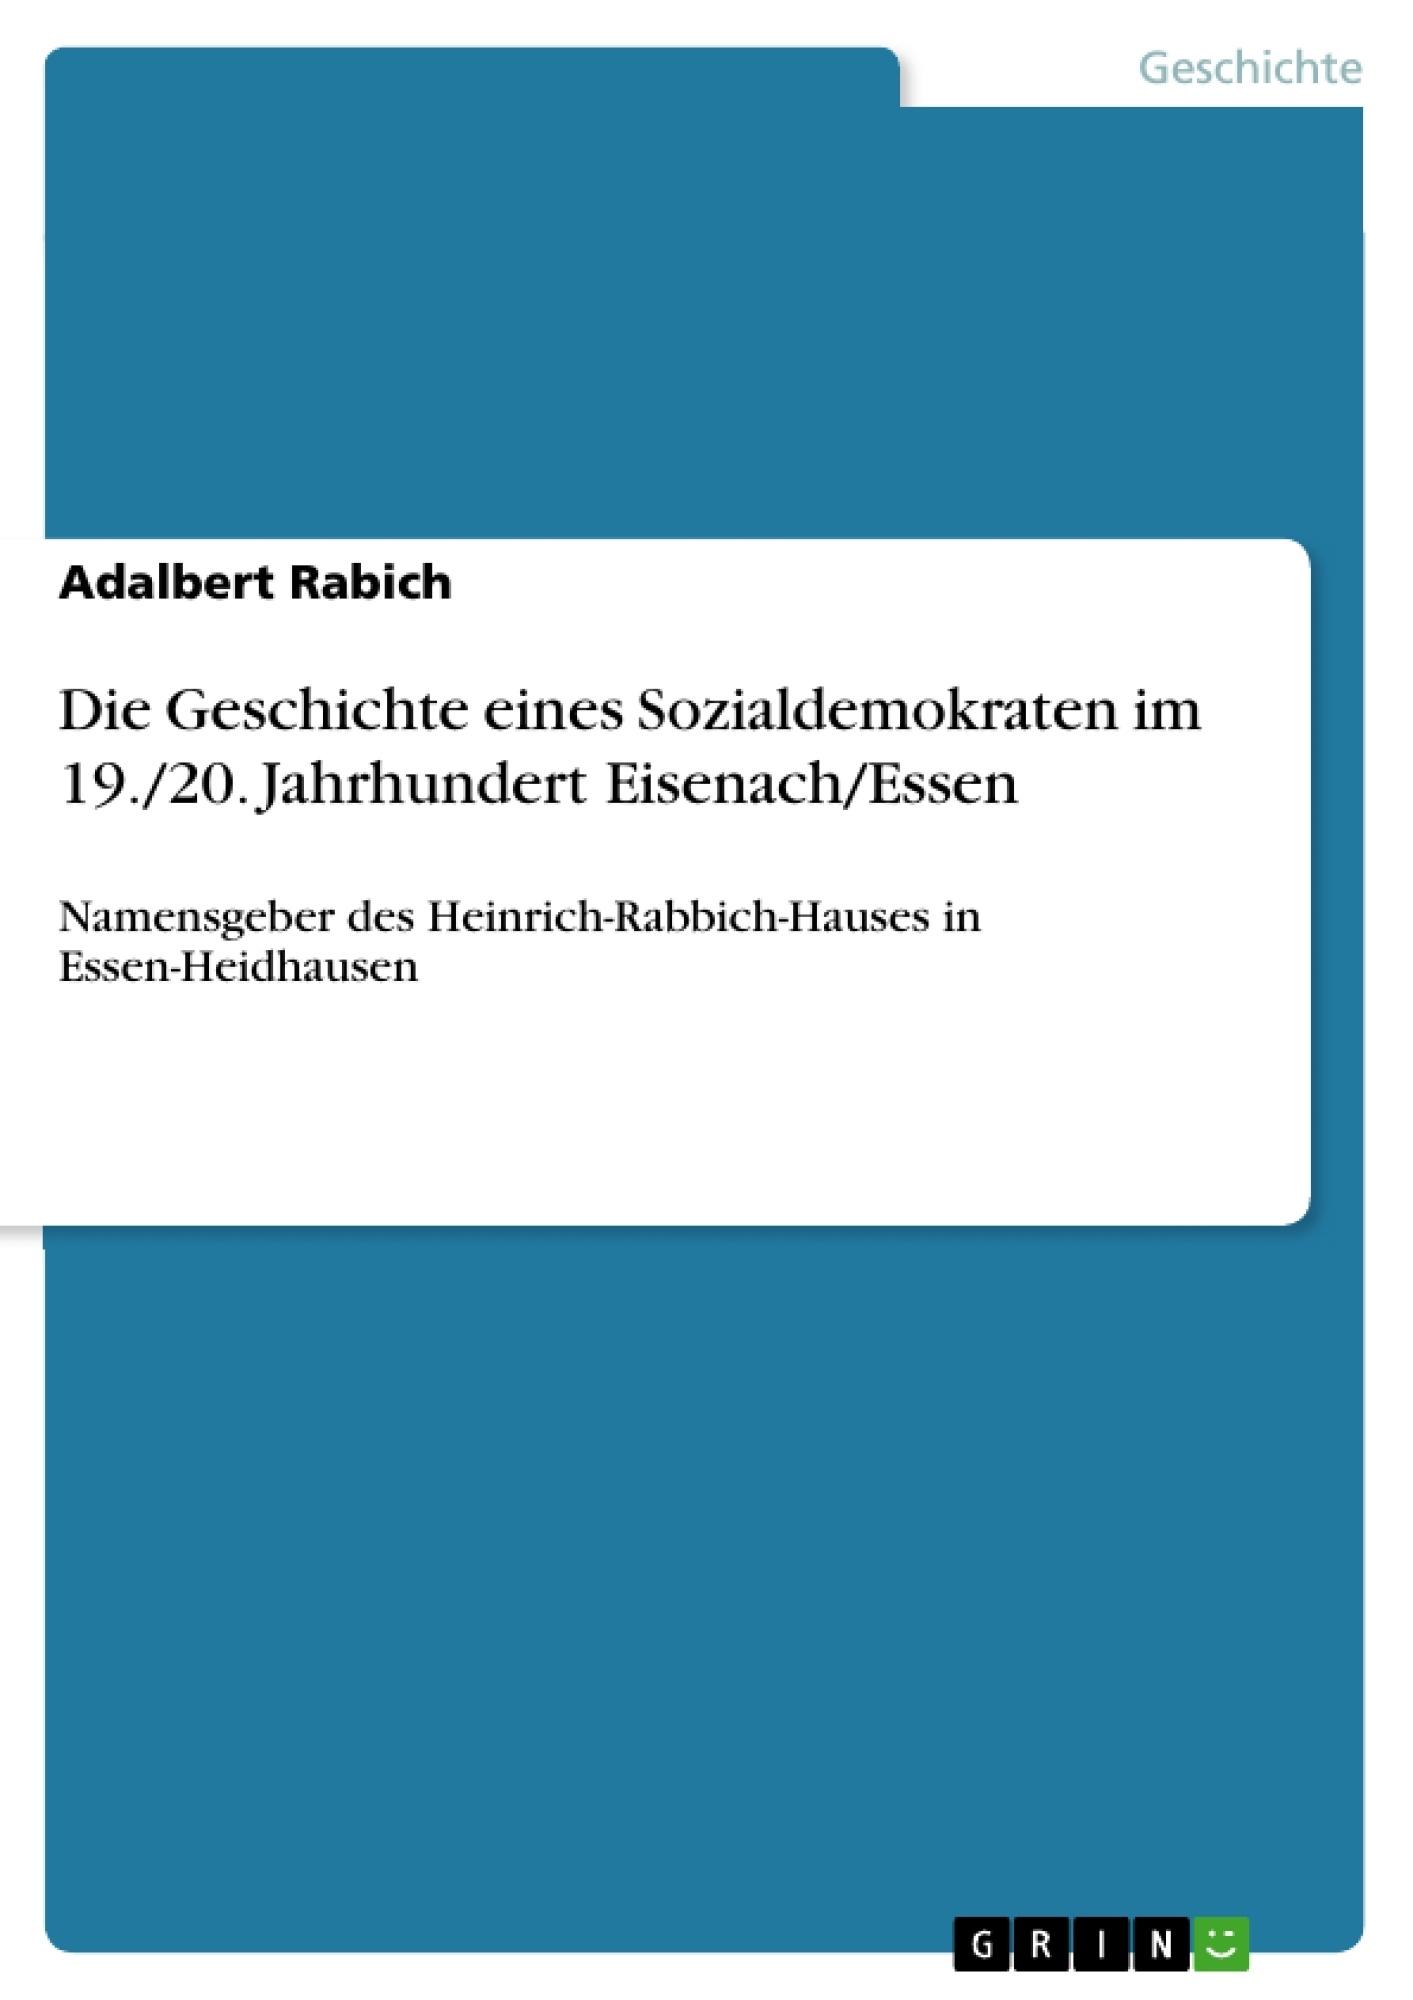 Titel: Die Geschichte eines Sozialdemokraten im 19./20. Jahrhundert Eisenach/Essen